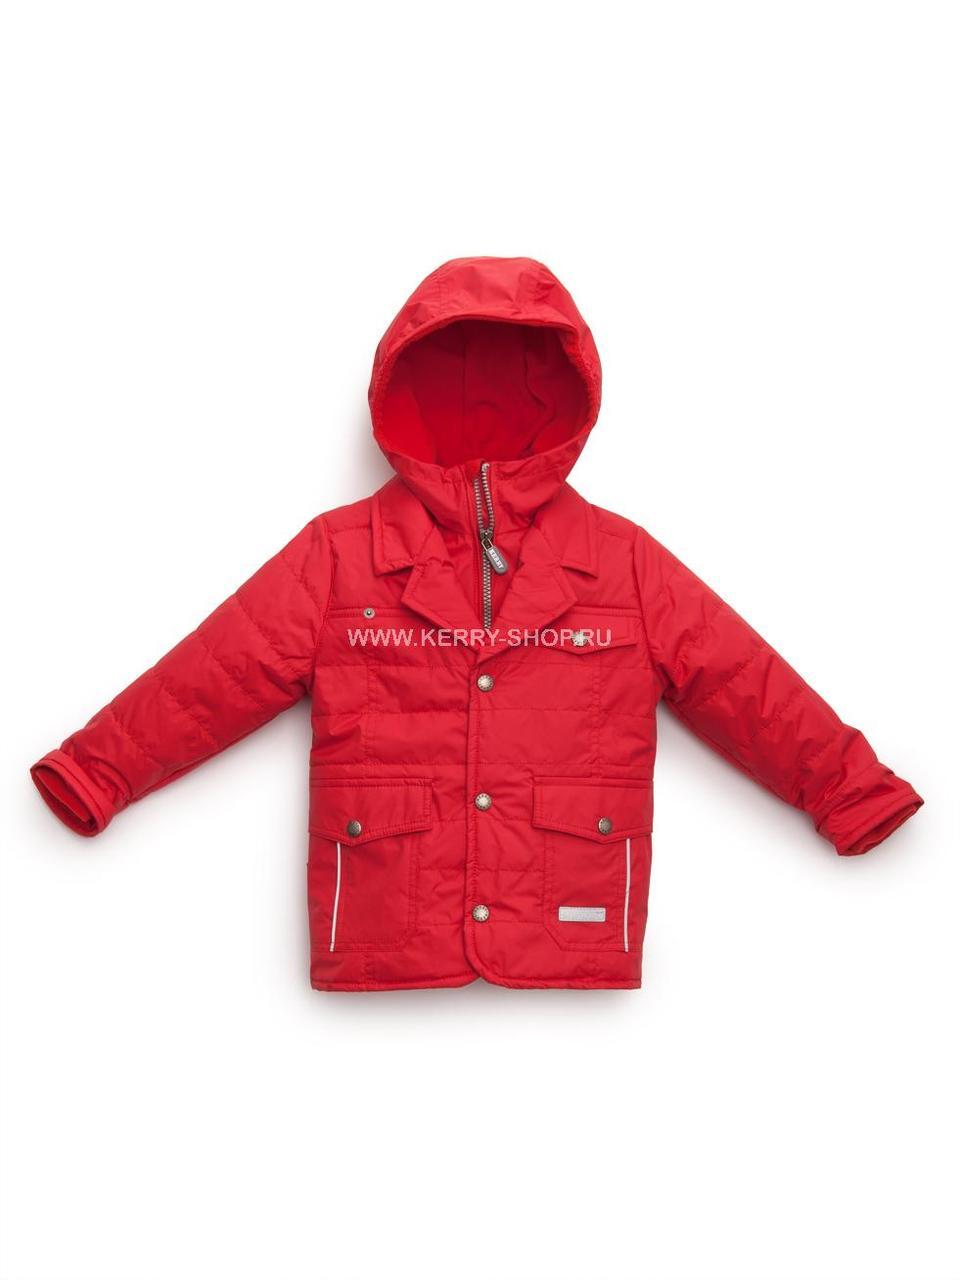 Куртка Kerry GENT